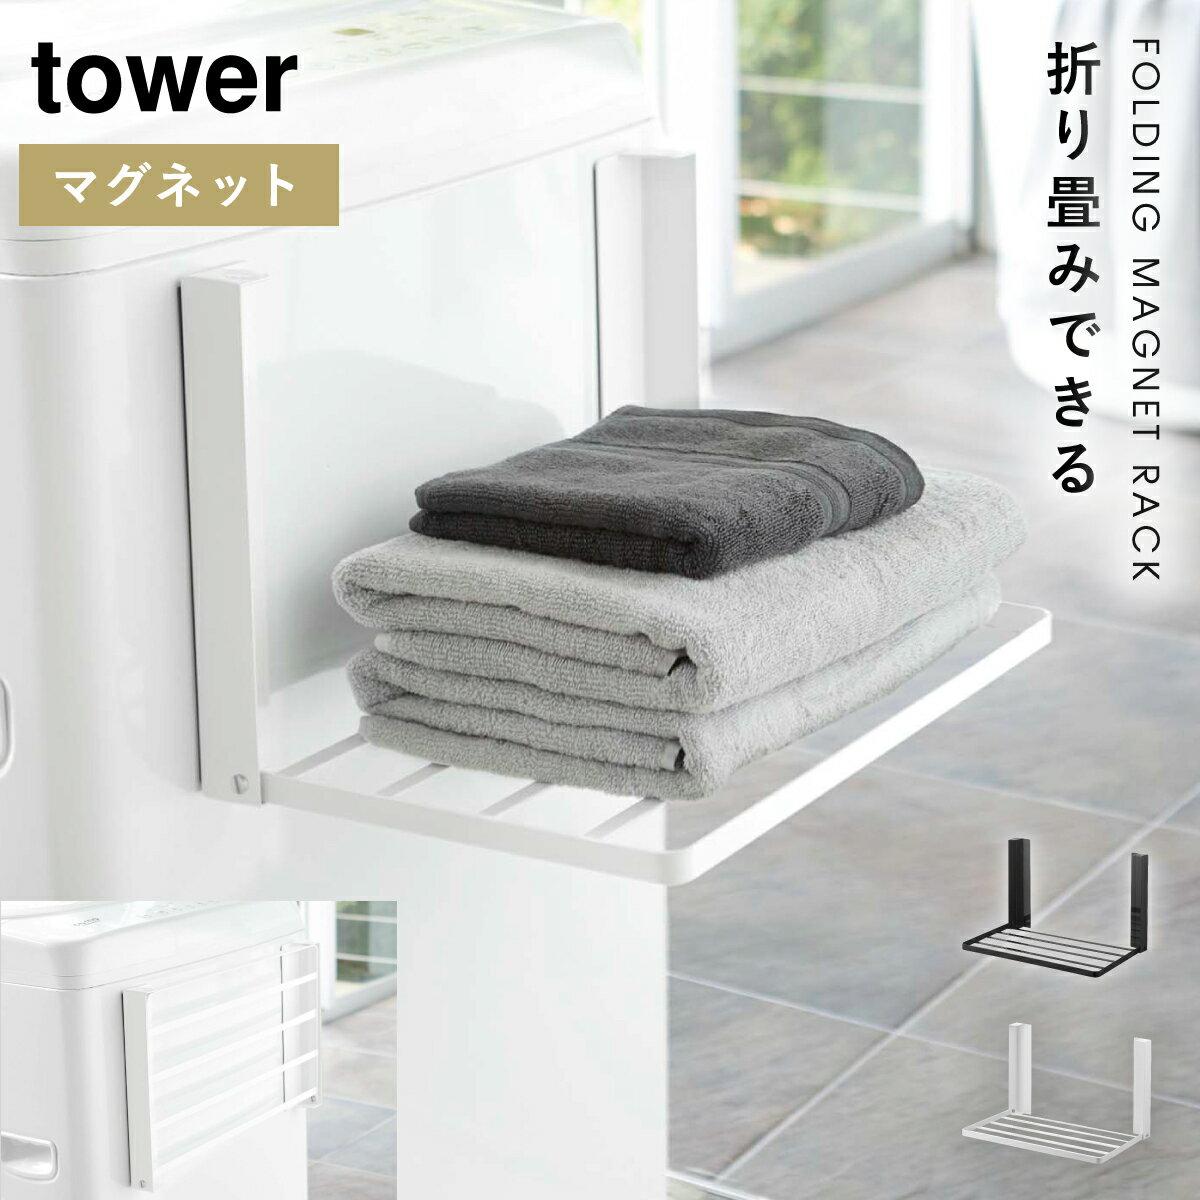 洗濯機横マグネット折り畳み棚 タワー